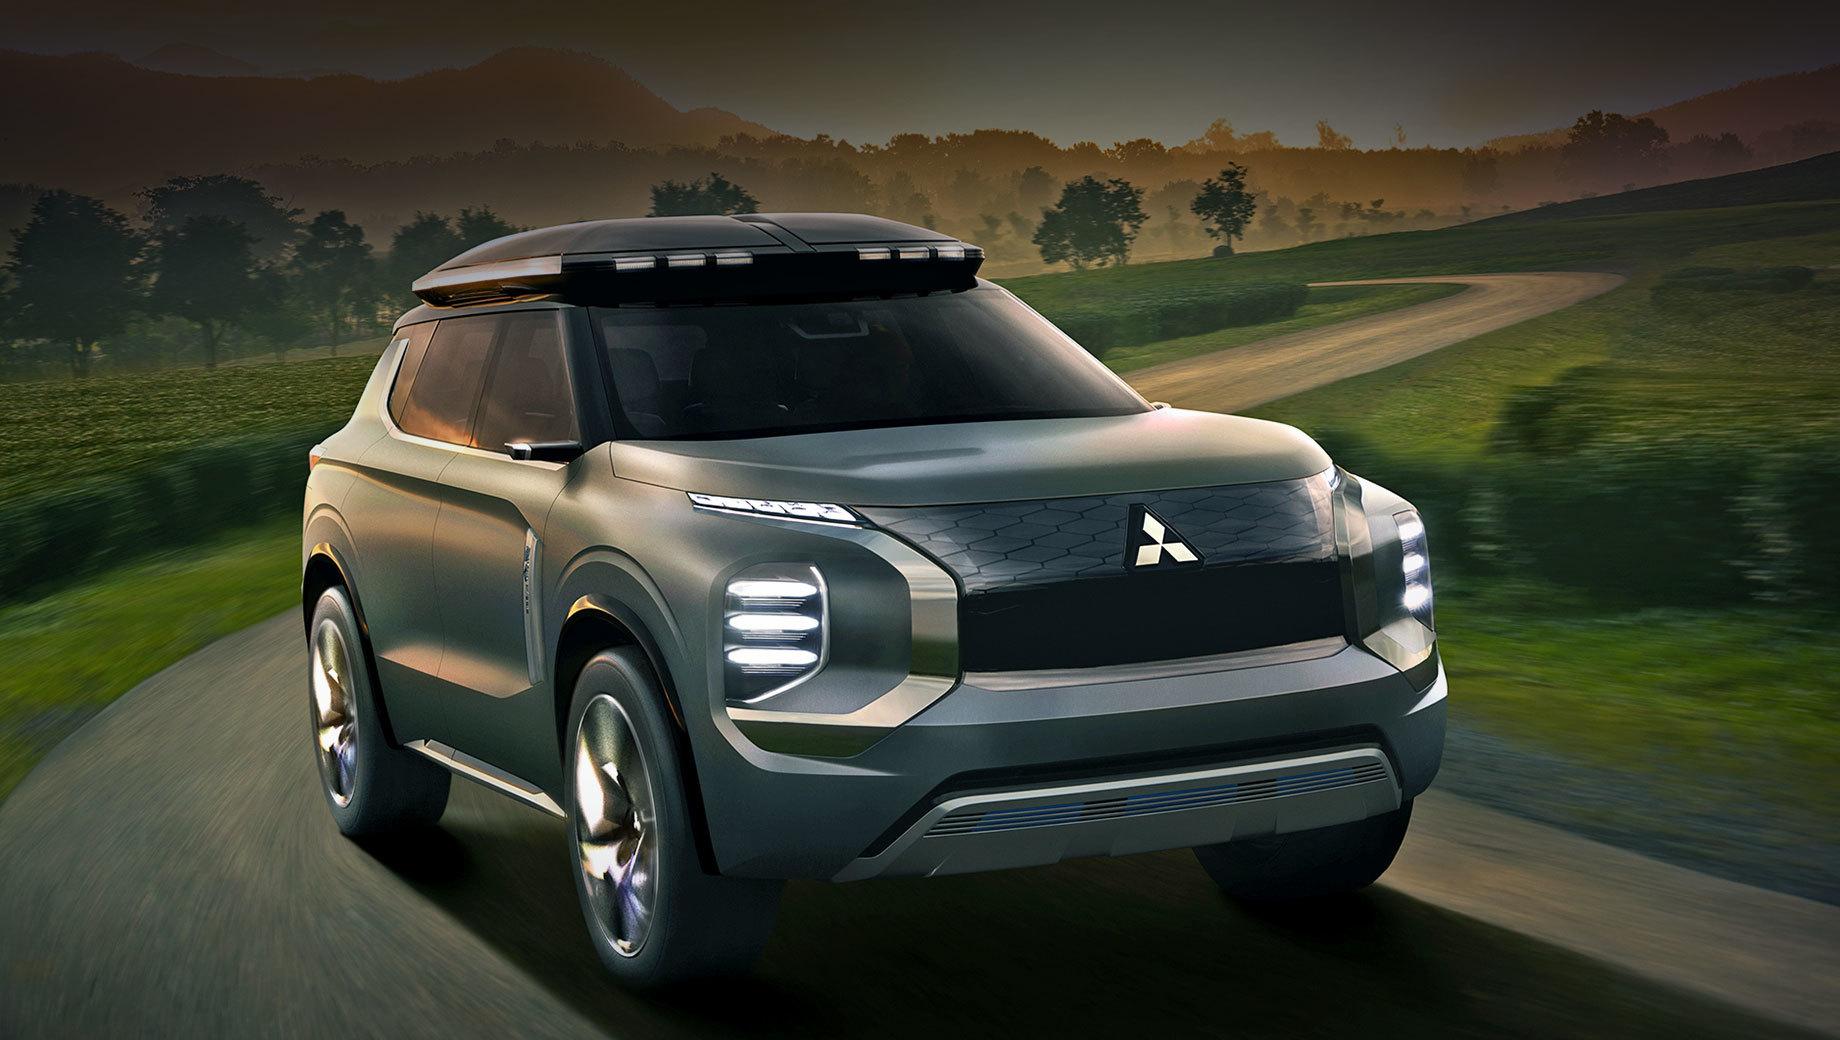 Mitsubishi outlander. Показанные в 2019 году концепты Mitsubishi Engelberg Tourer и e-Yi (на фото) были гибридами с запасом хода на электротяге в 70 км. Подобная версия появится и у серийной машины.